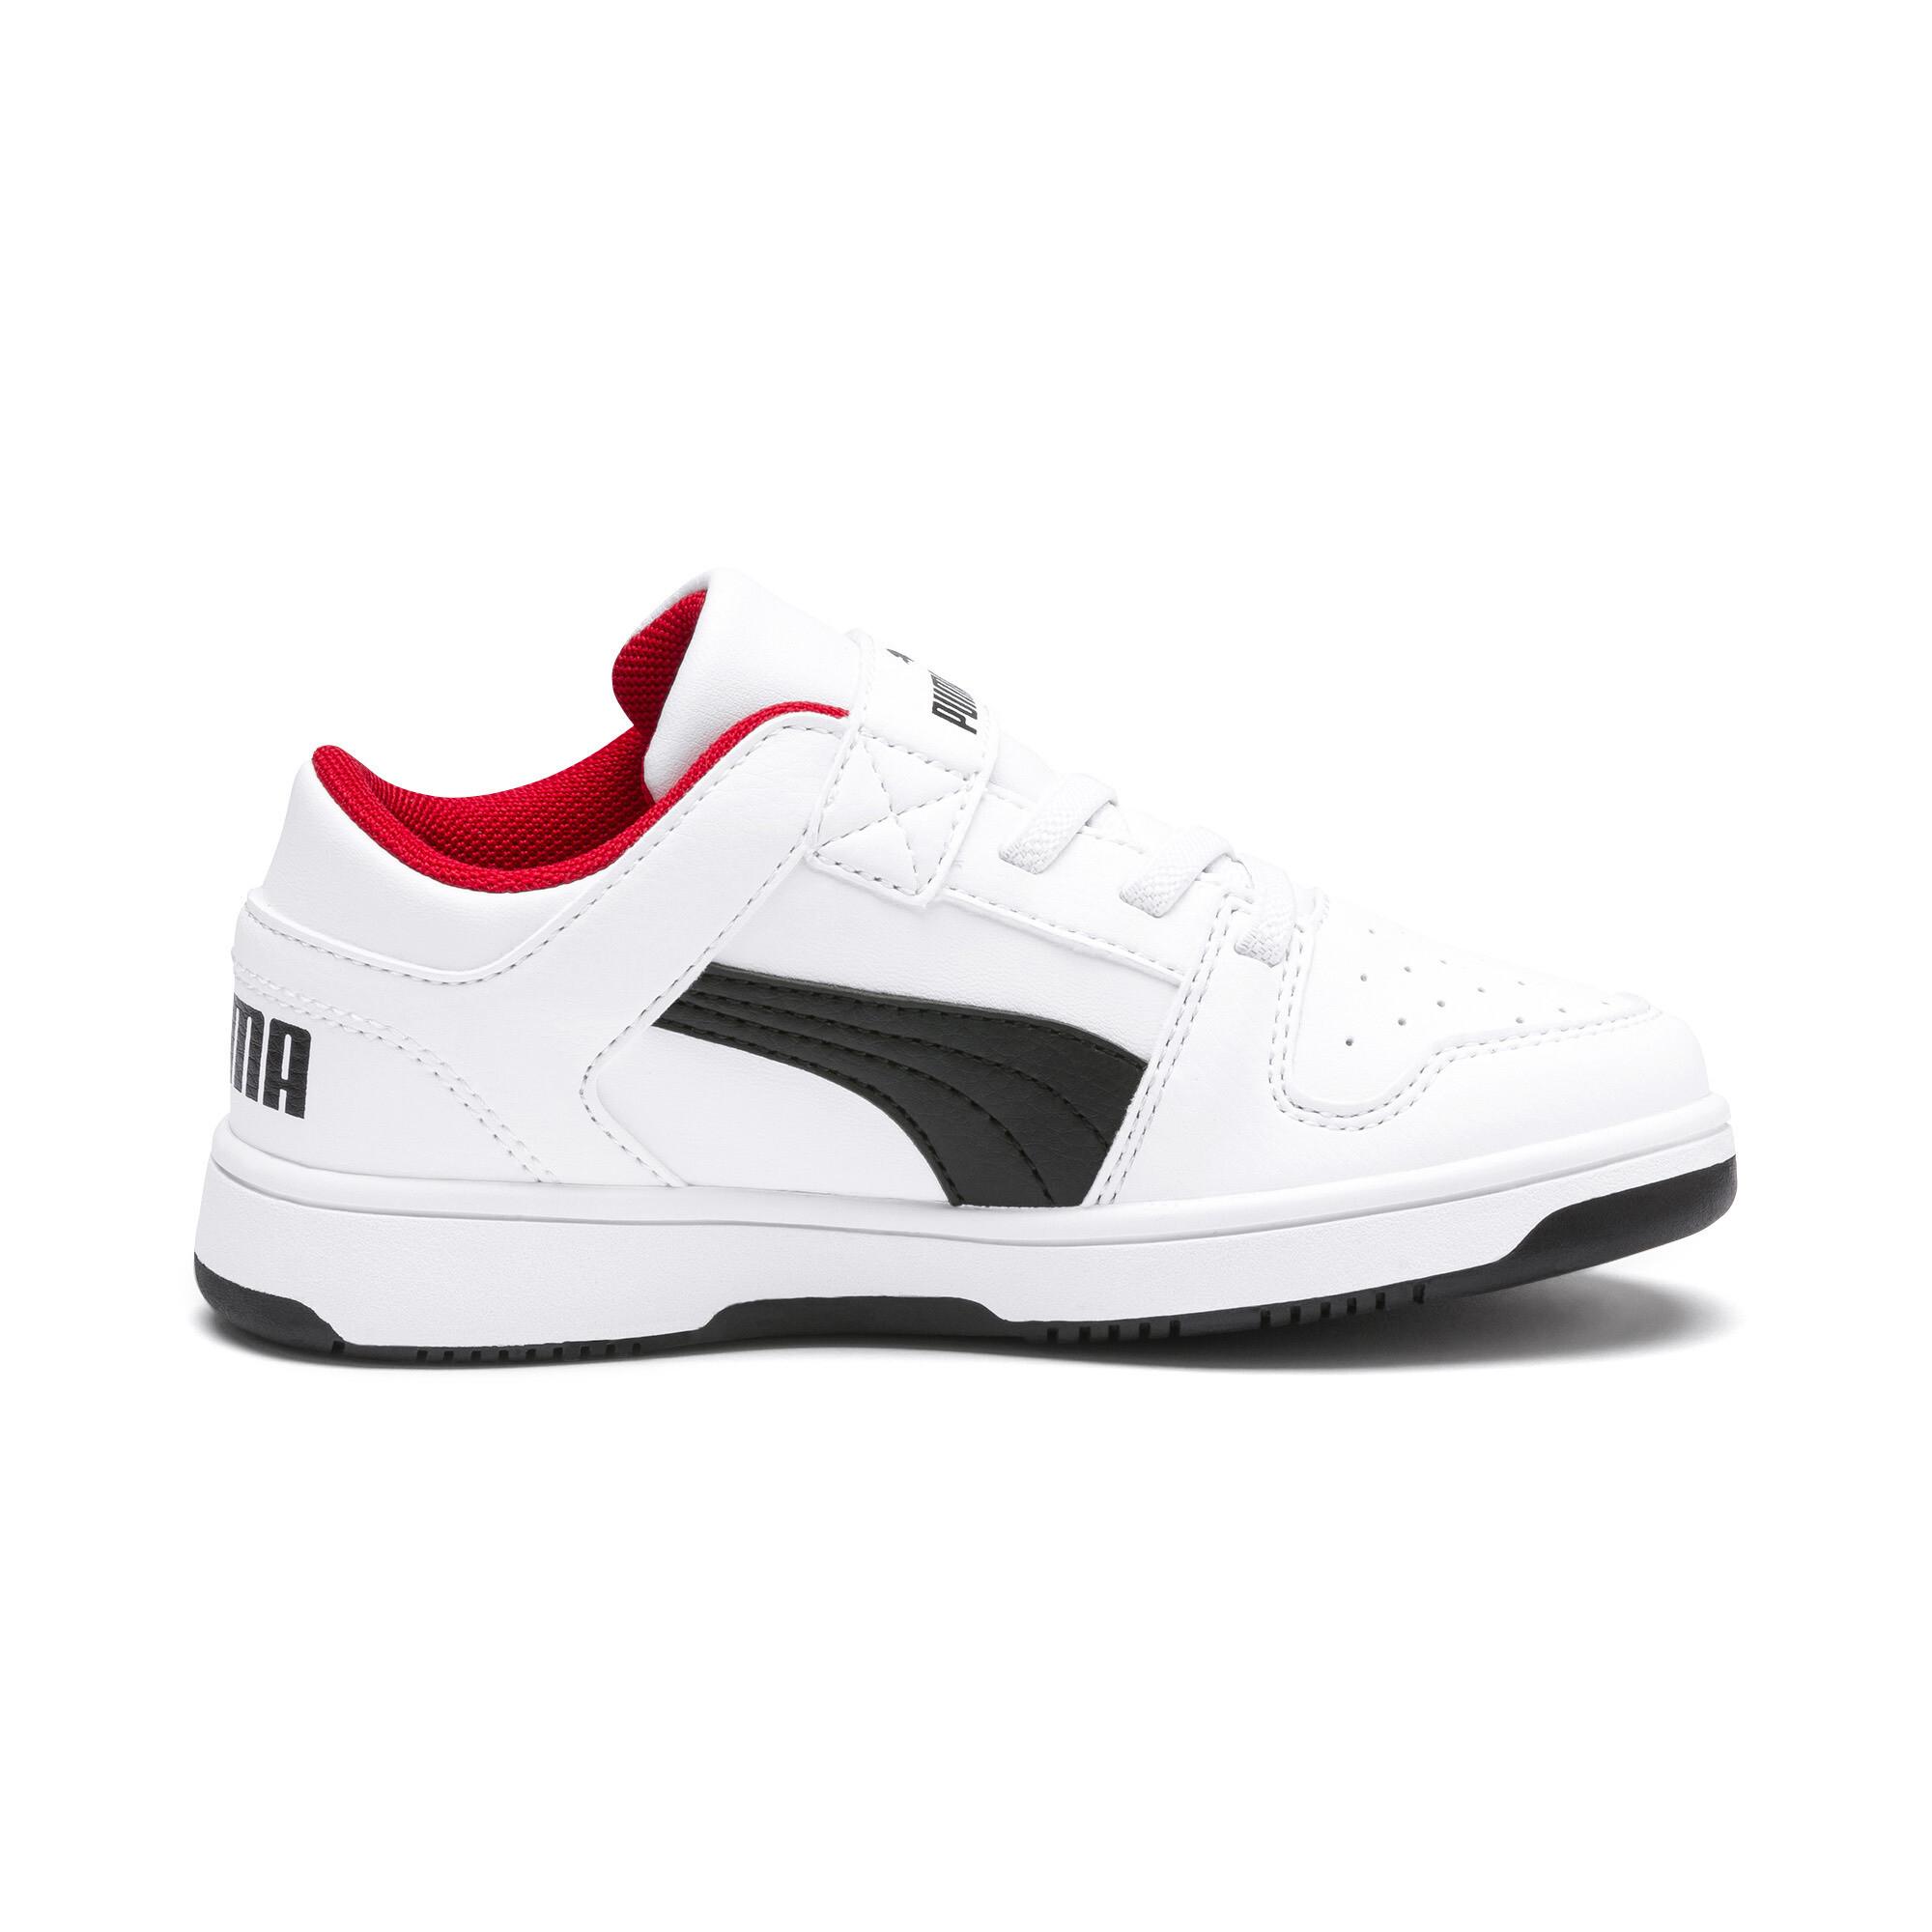 PUMA-PUMA-Rebound-LayUp-Lo-Little-Kids-039-Shoes-Boys-Shoe-Kids thumbnail 12